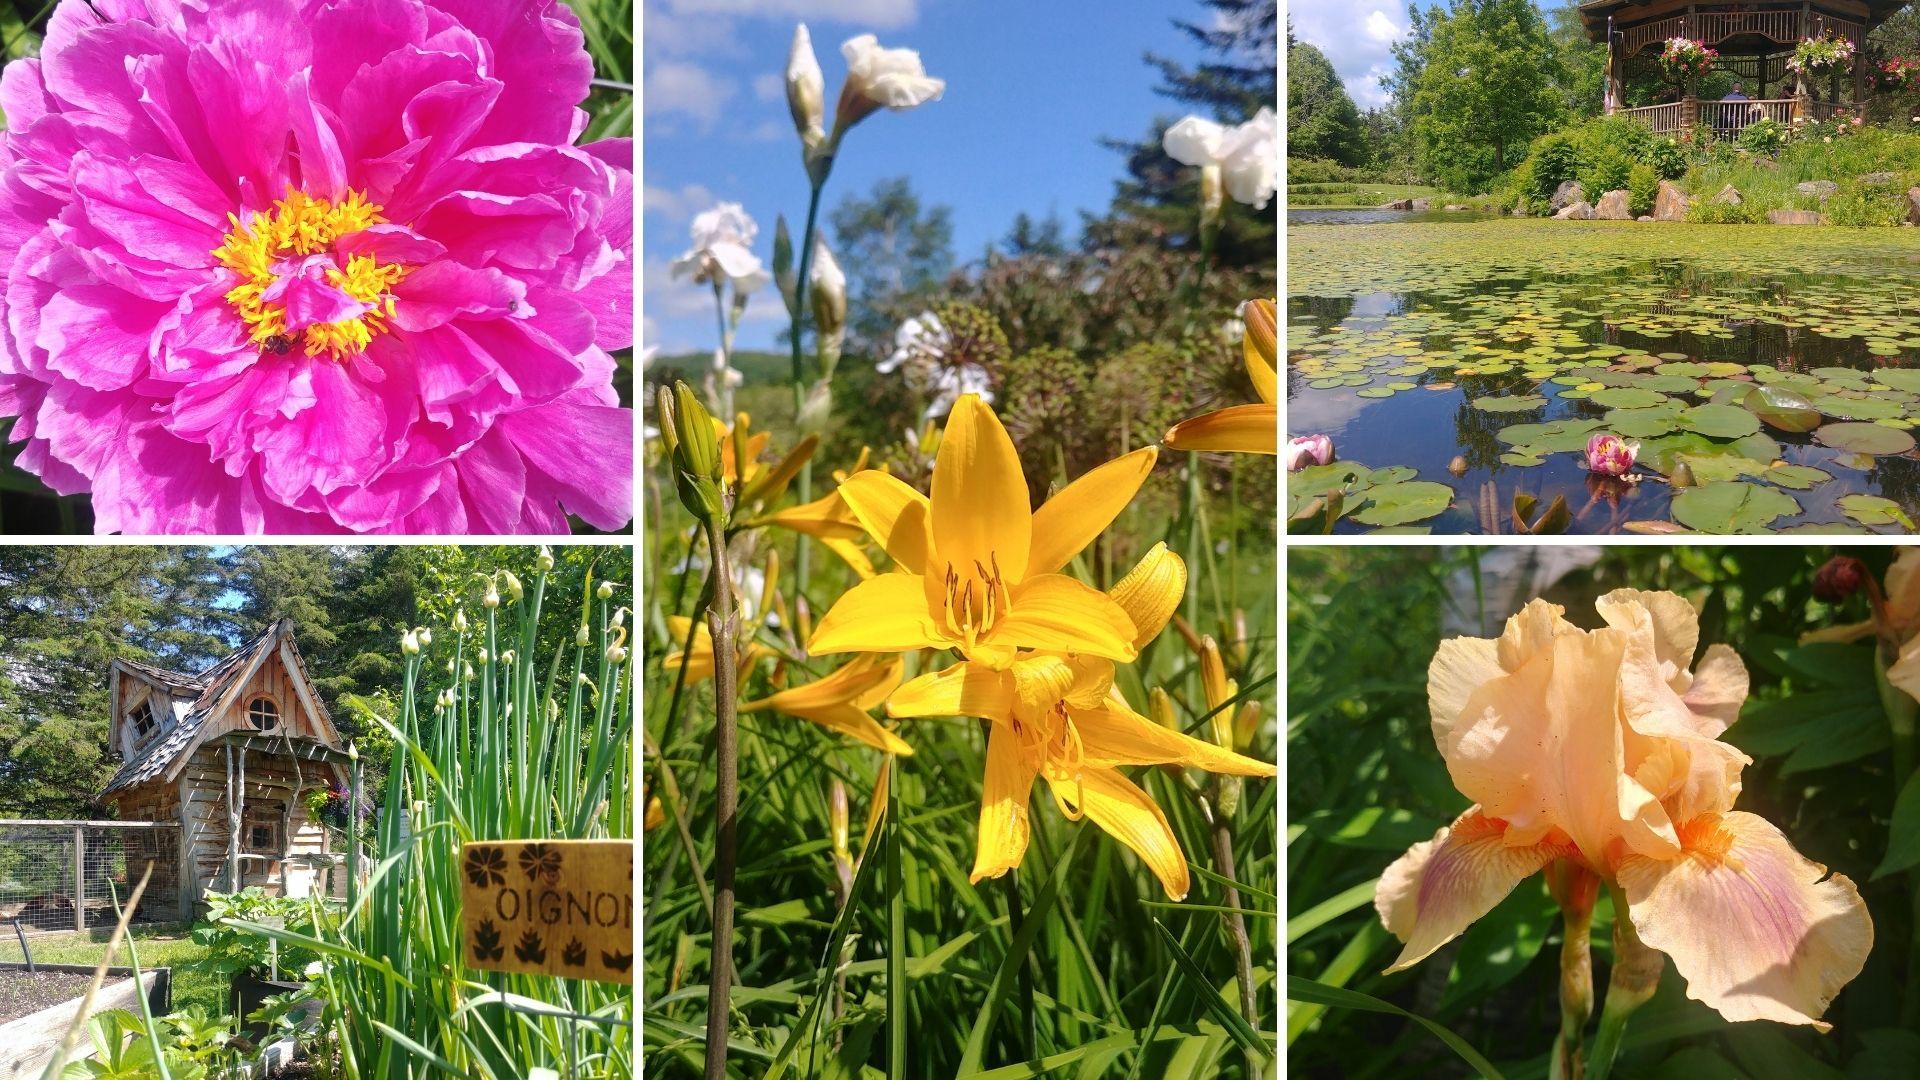 Visiter Edmundston Jardin botanique Nouveau-Brunswick